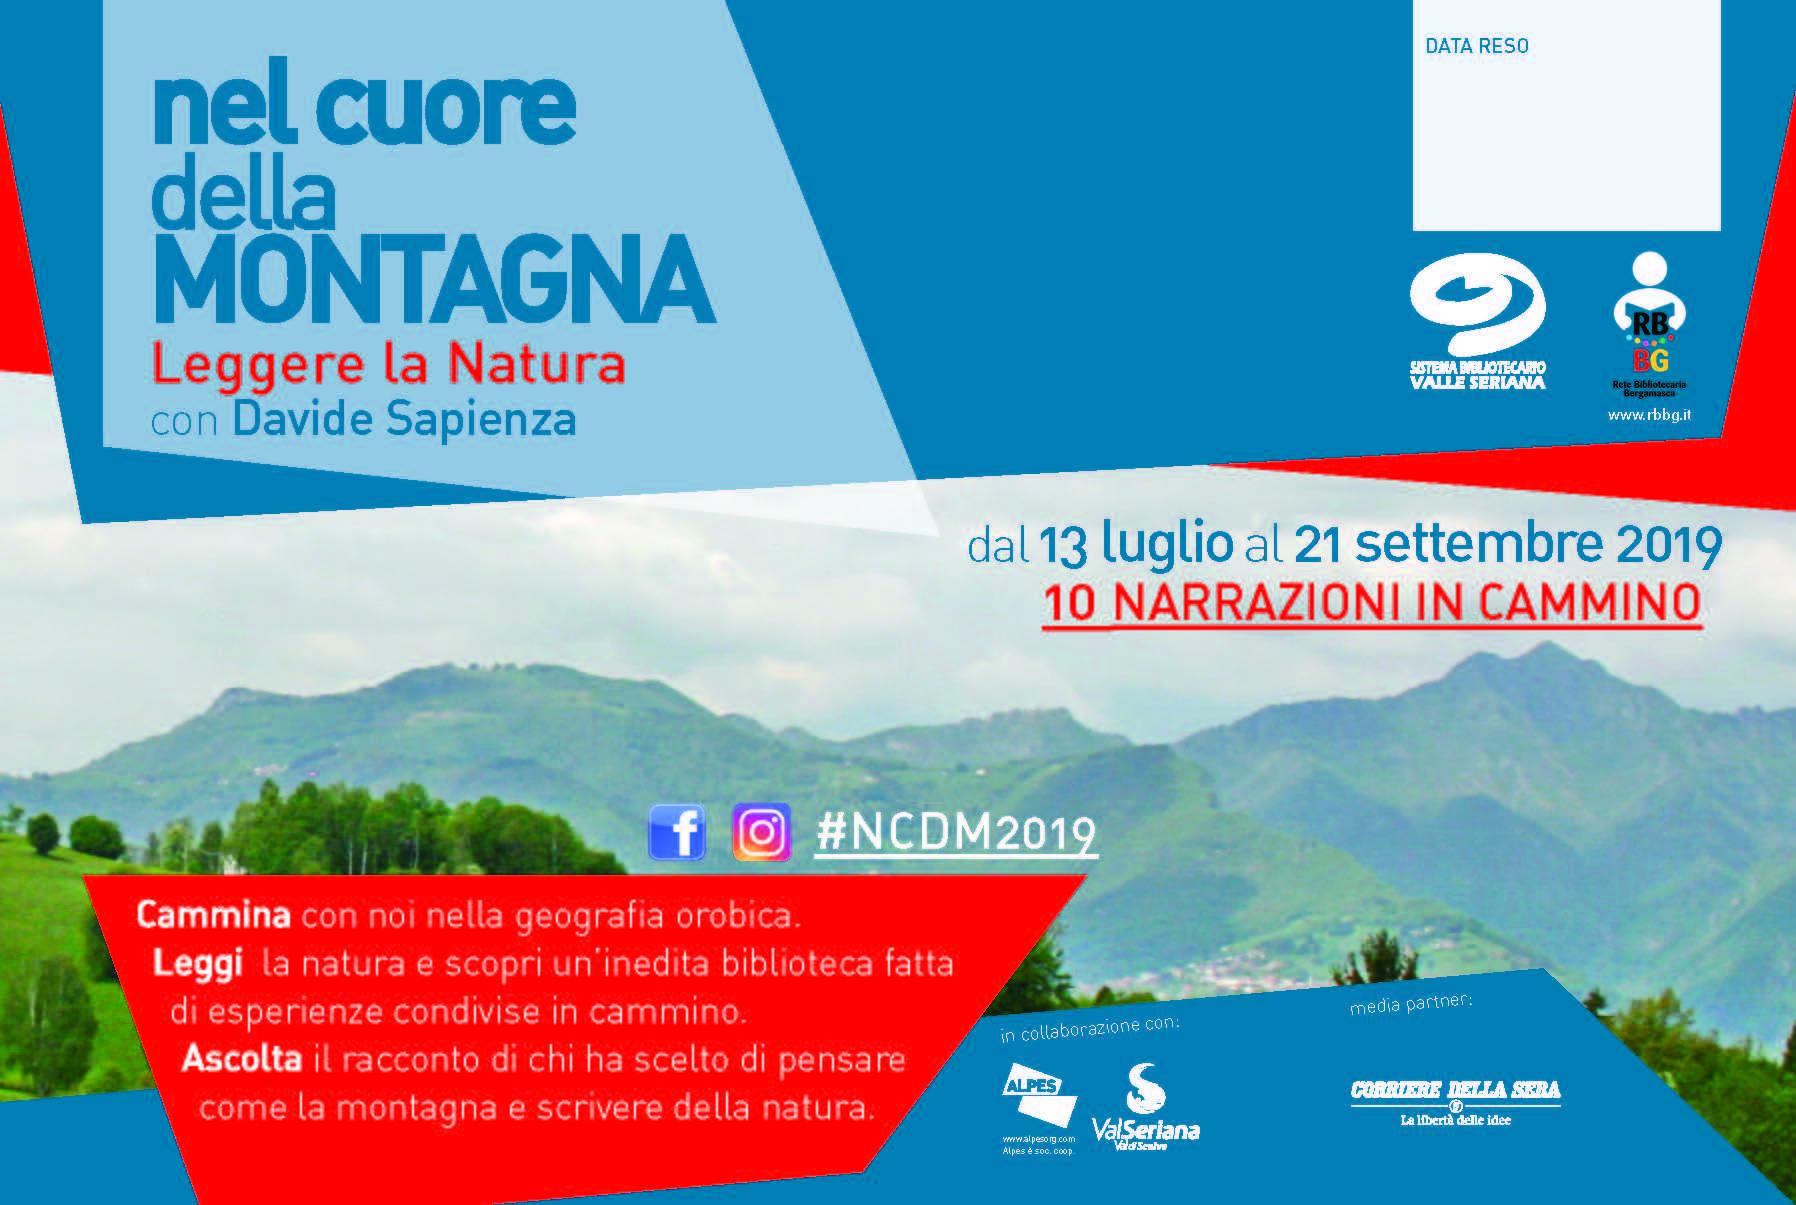 Cart_Nel Cuore della Montagna_2019_web_Pagina_1.jpg